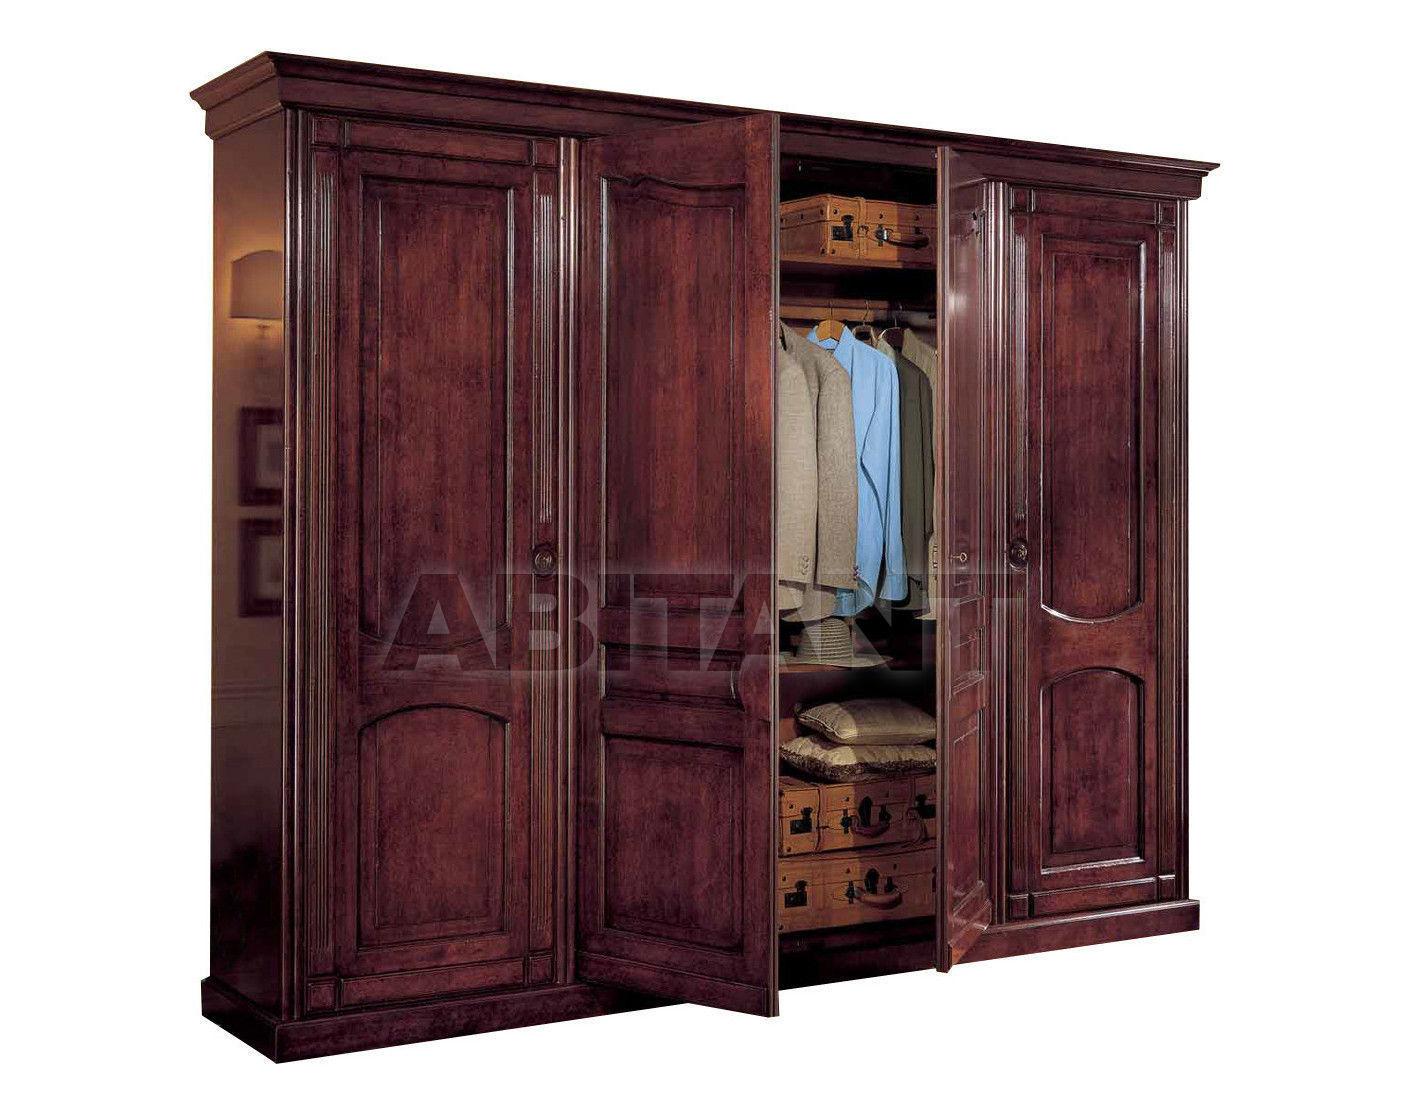 Купить Шкаф гардеробный F.lli Corso Srl Antiquariato 953